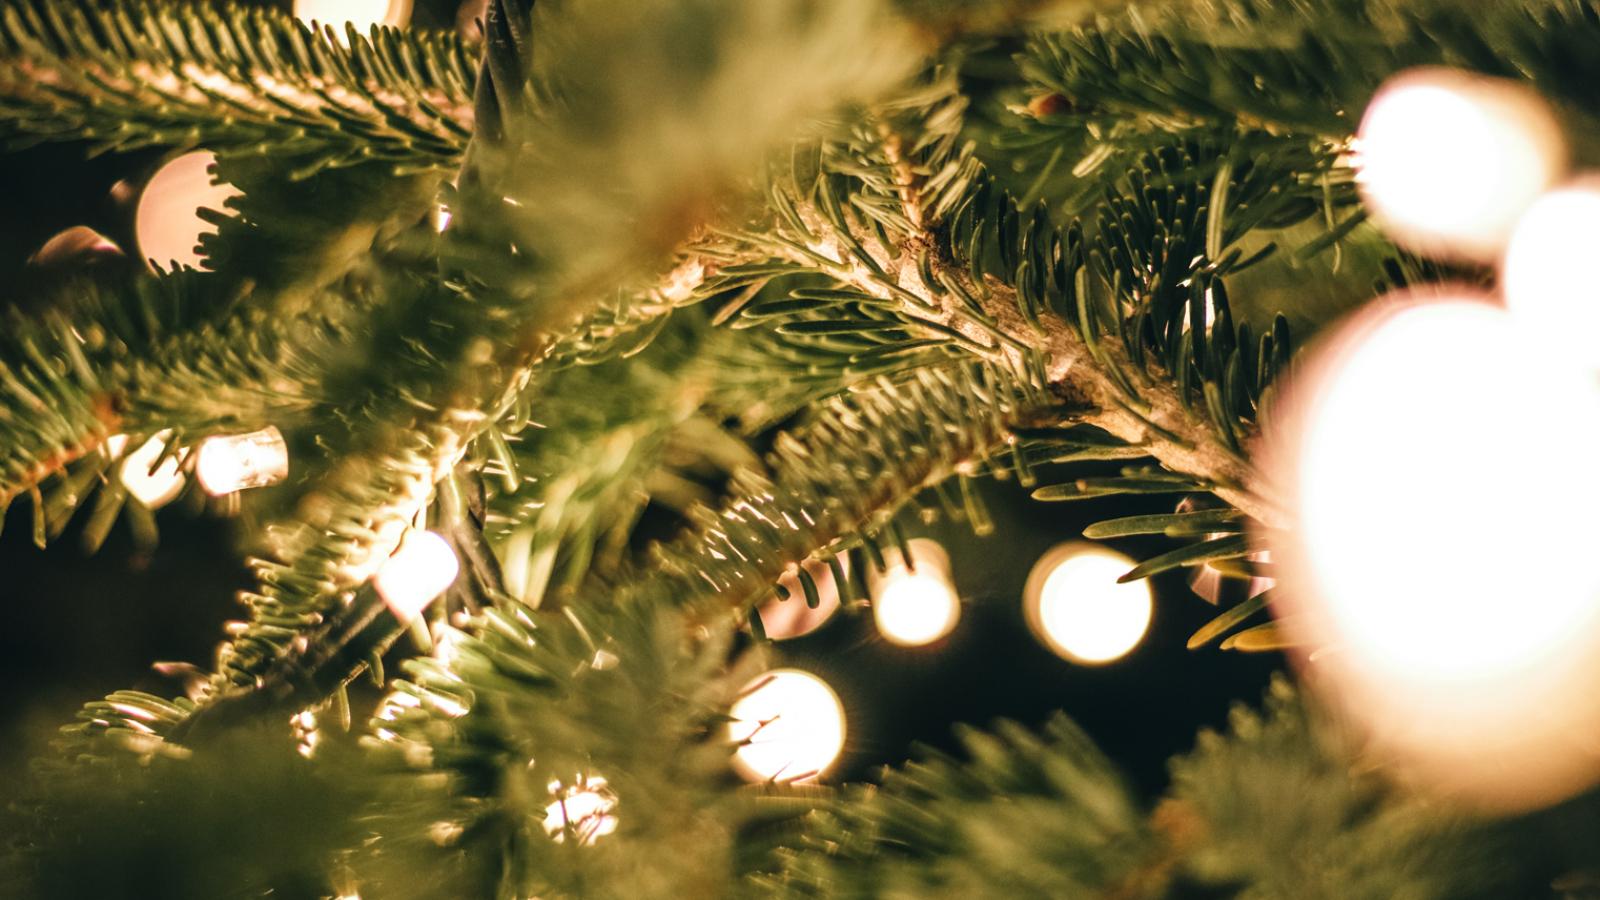 Branche de sapin de Noël